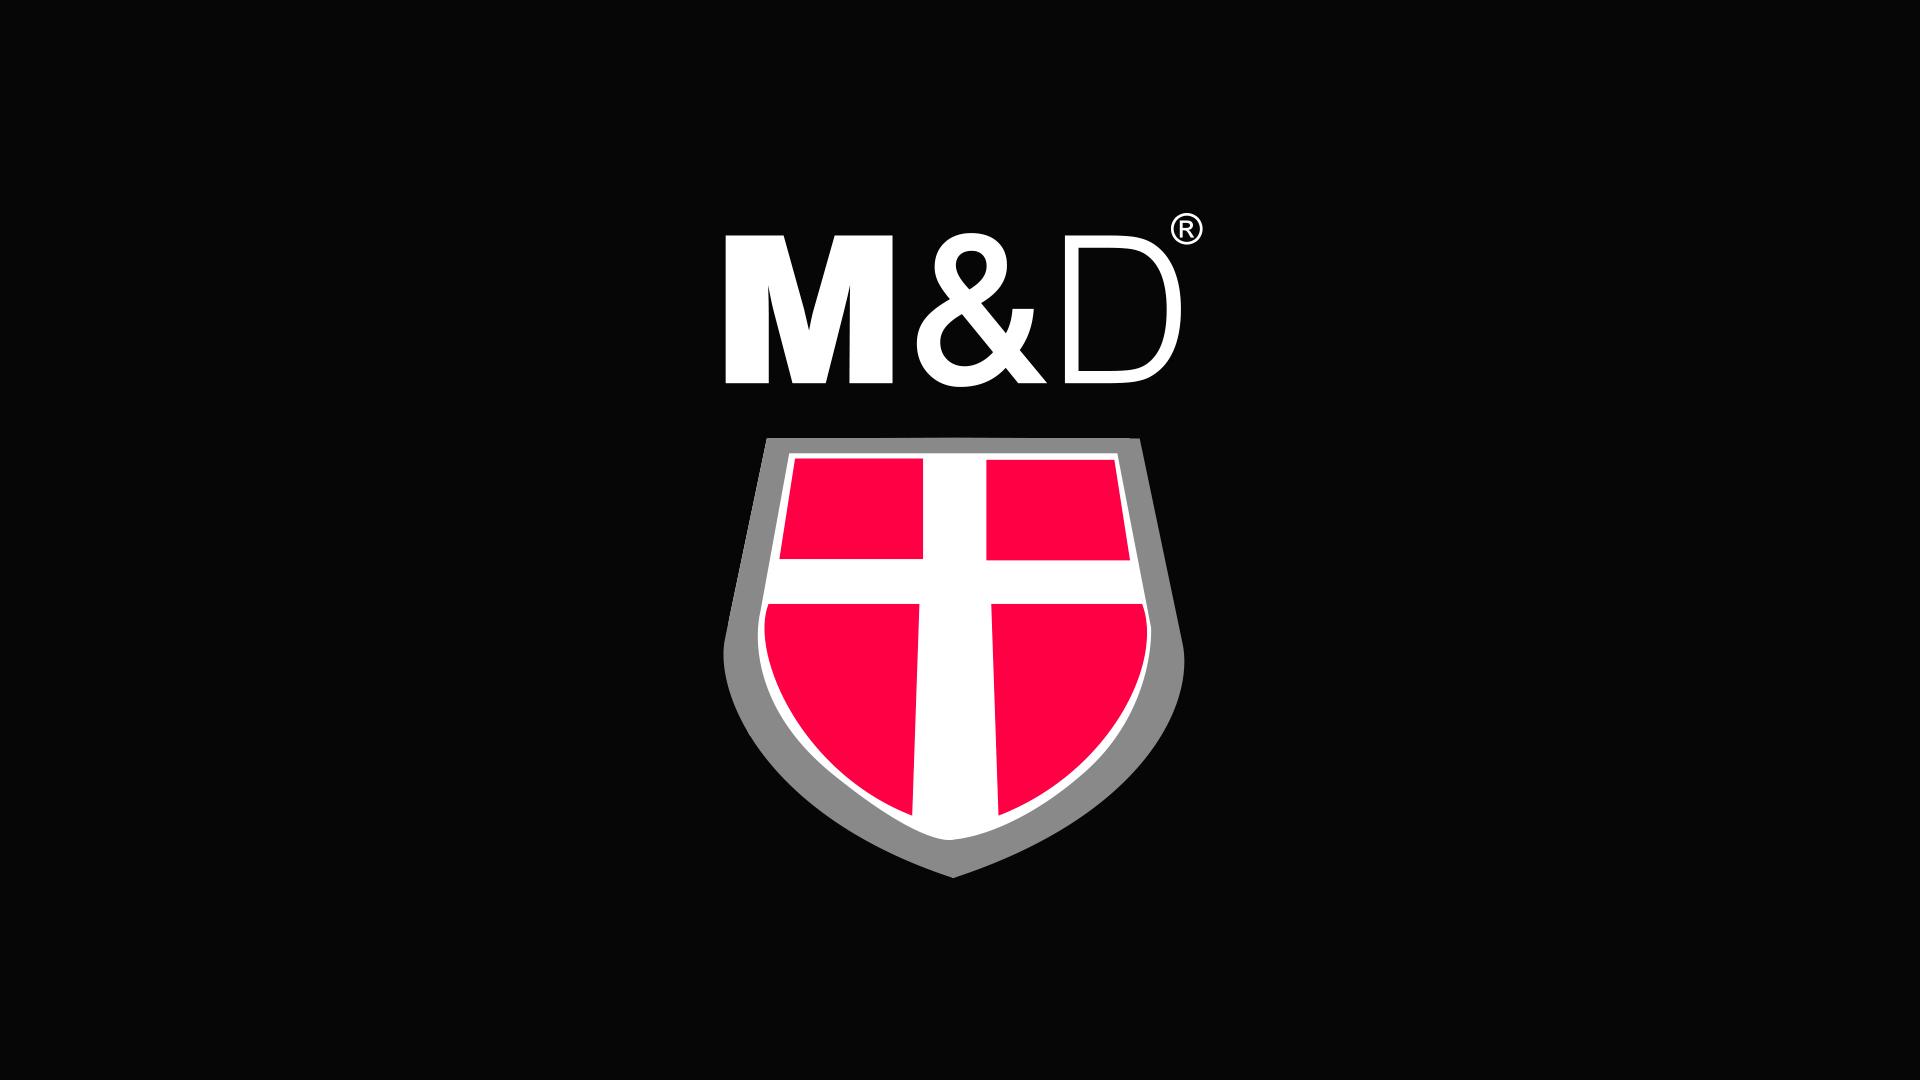 M&D 2